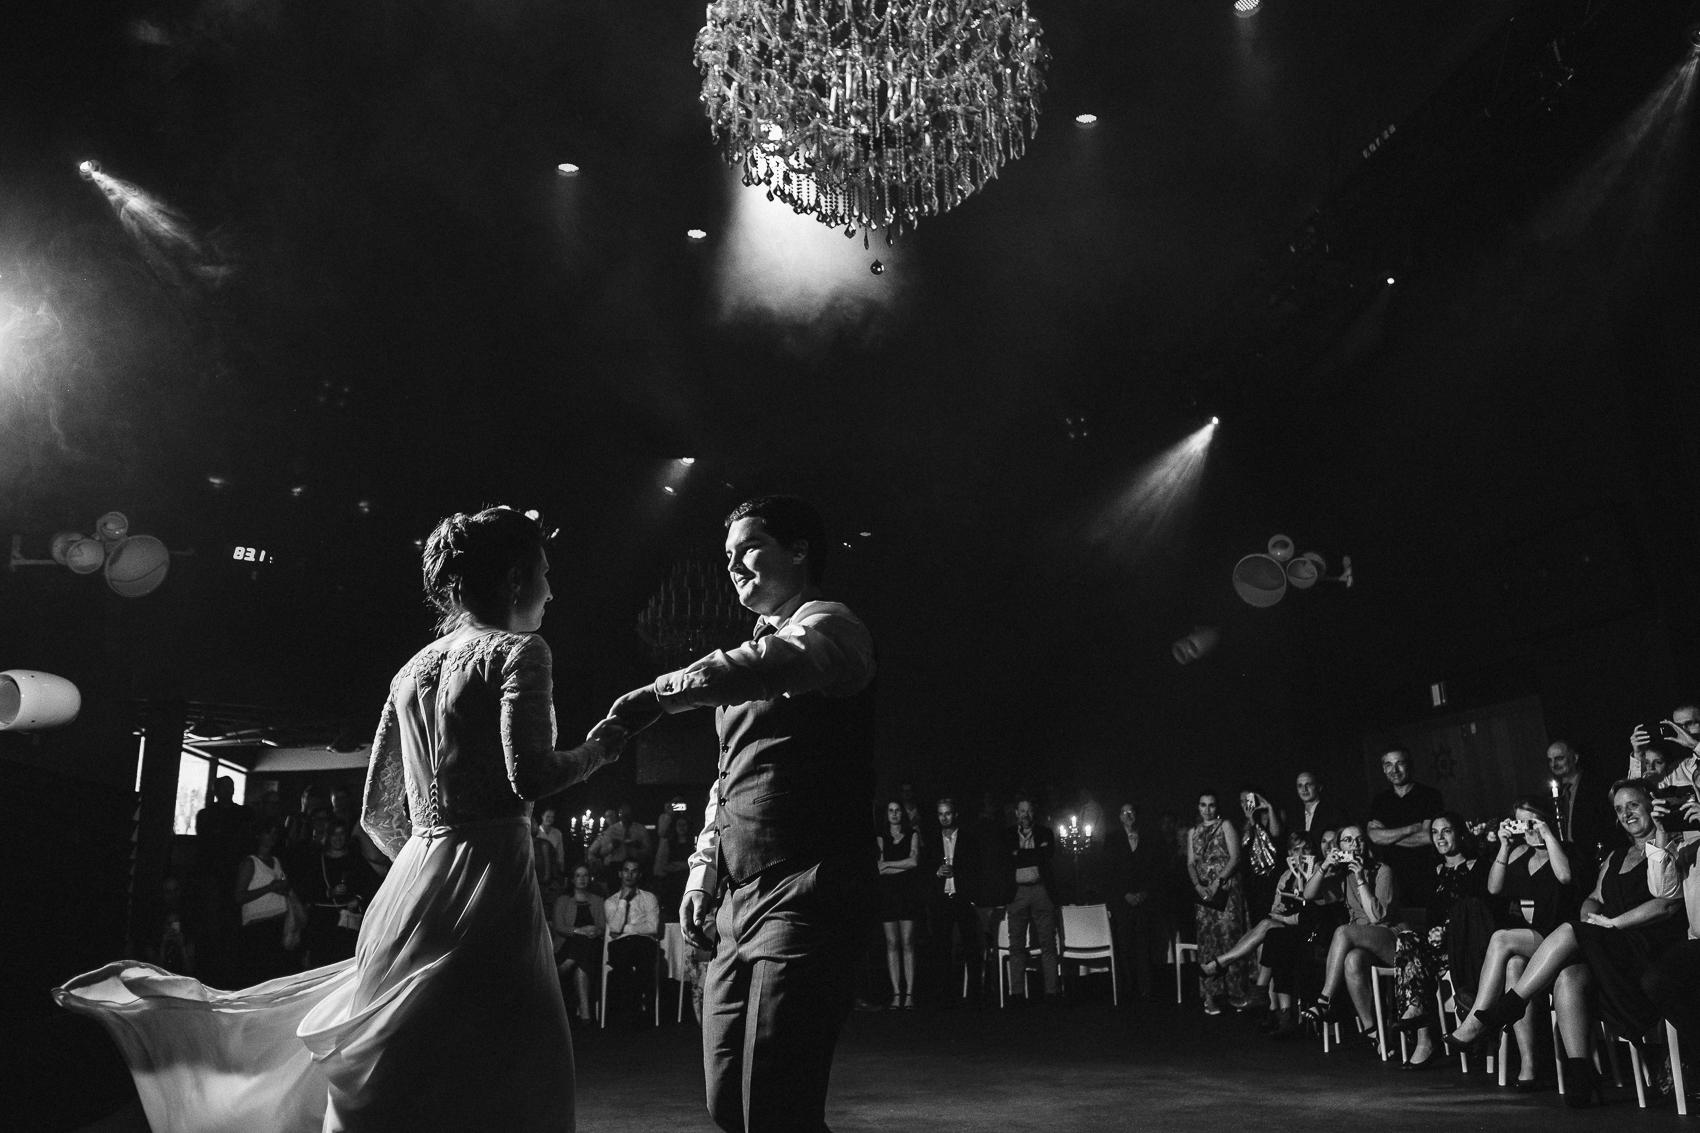 iso800 - huwelijksfotograaf Laura en Gijs Antwerpen-47.jpg